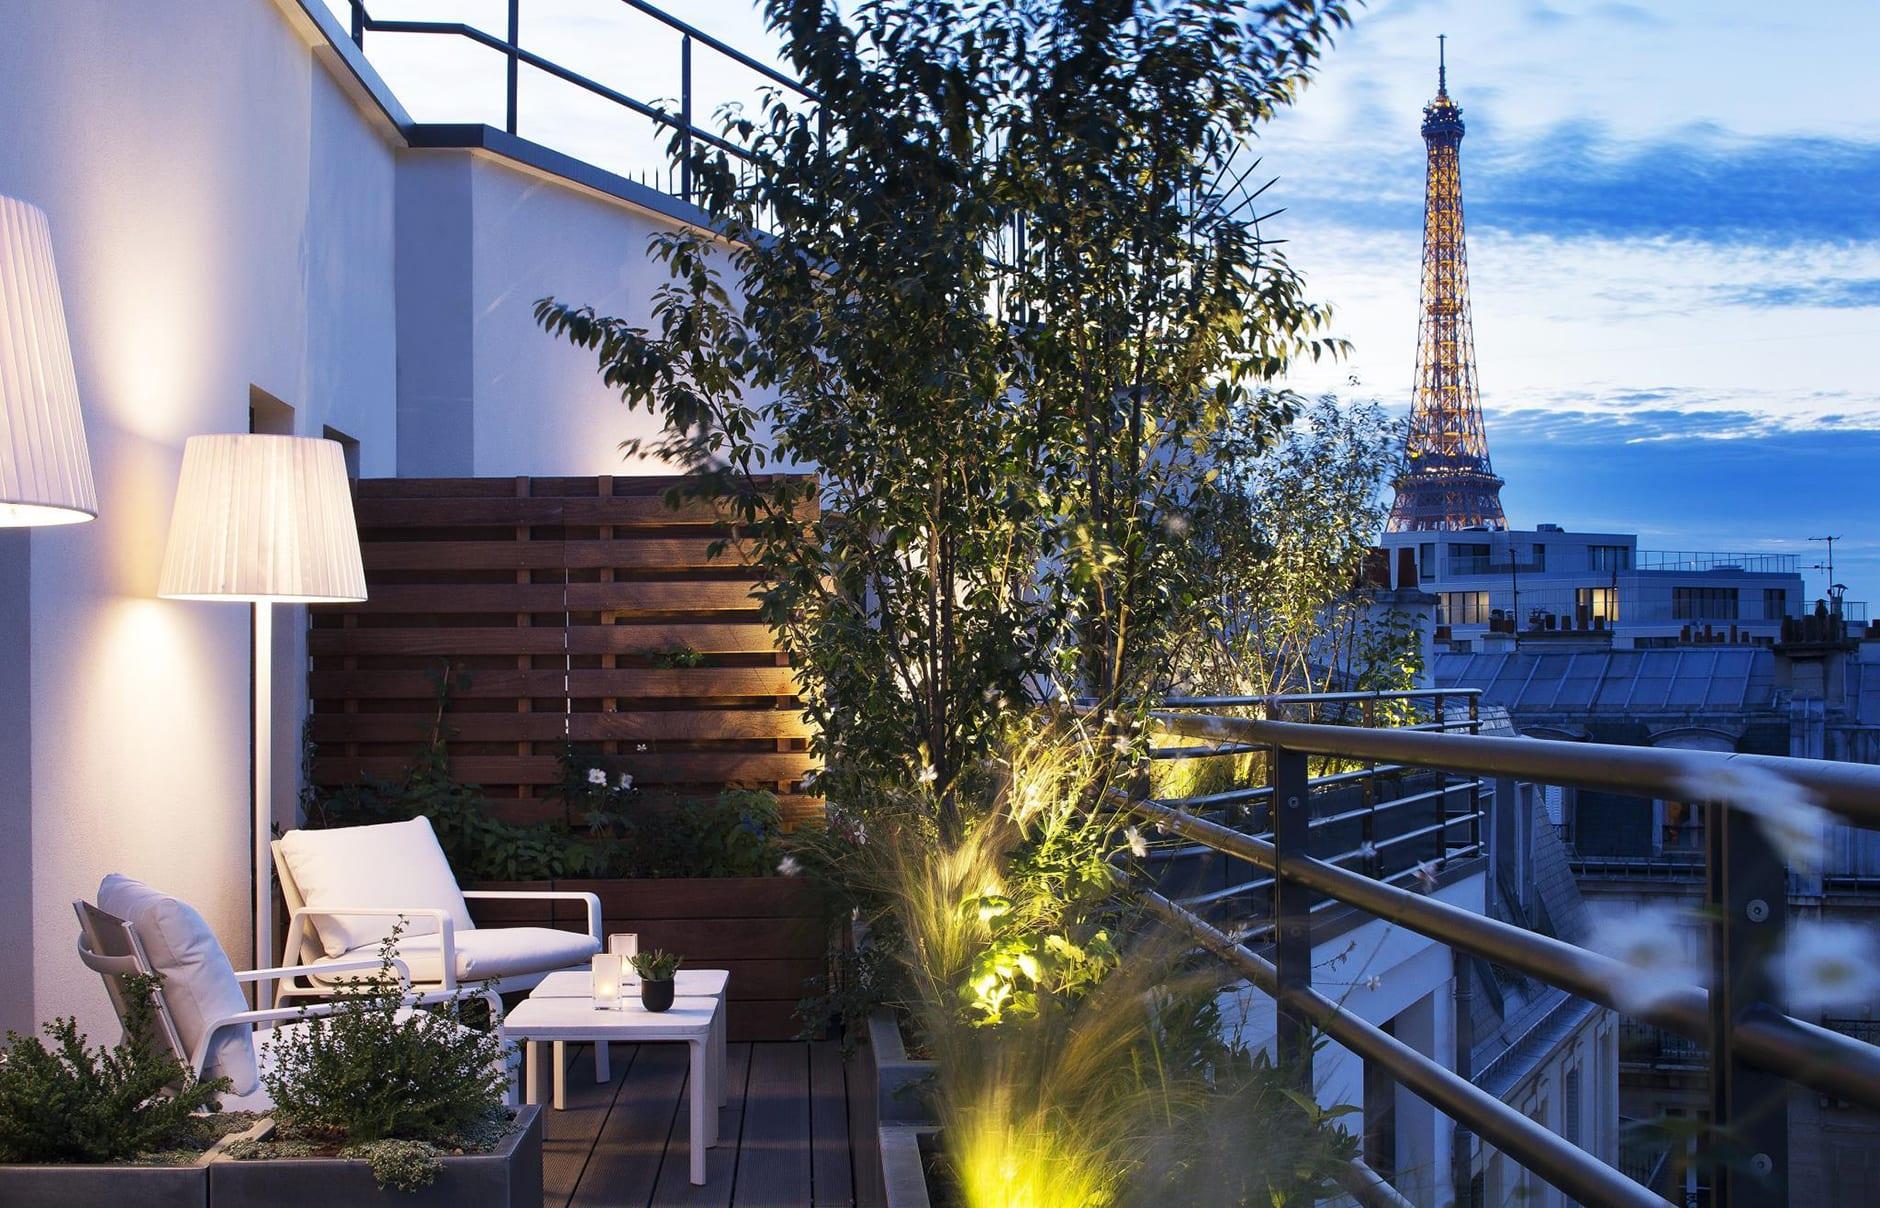 Le cinq codet paris luxury hotels travelplusstyle for Boutique hotel 9th arrondissement